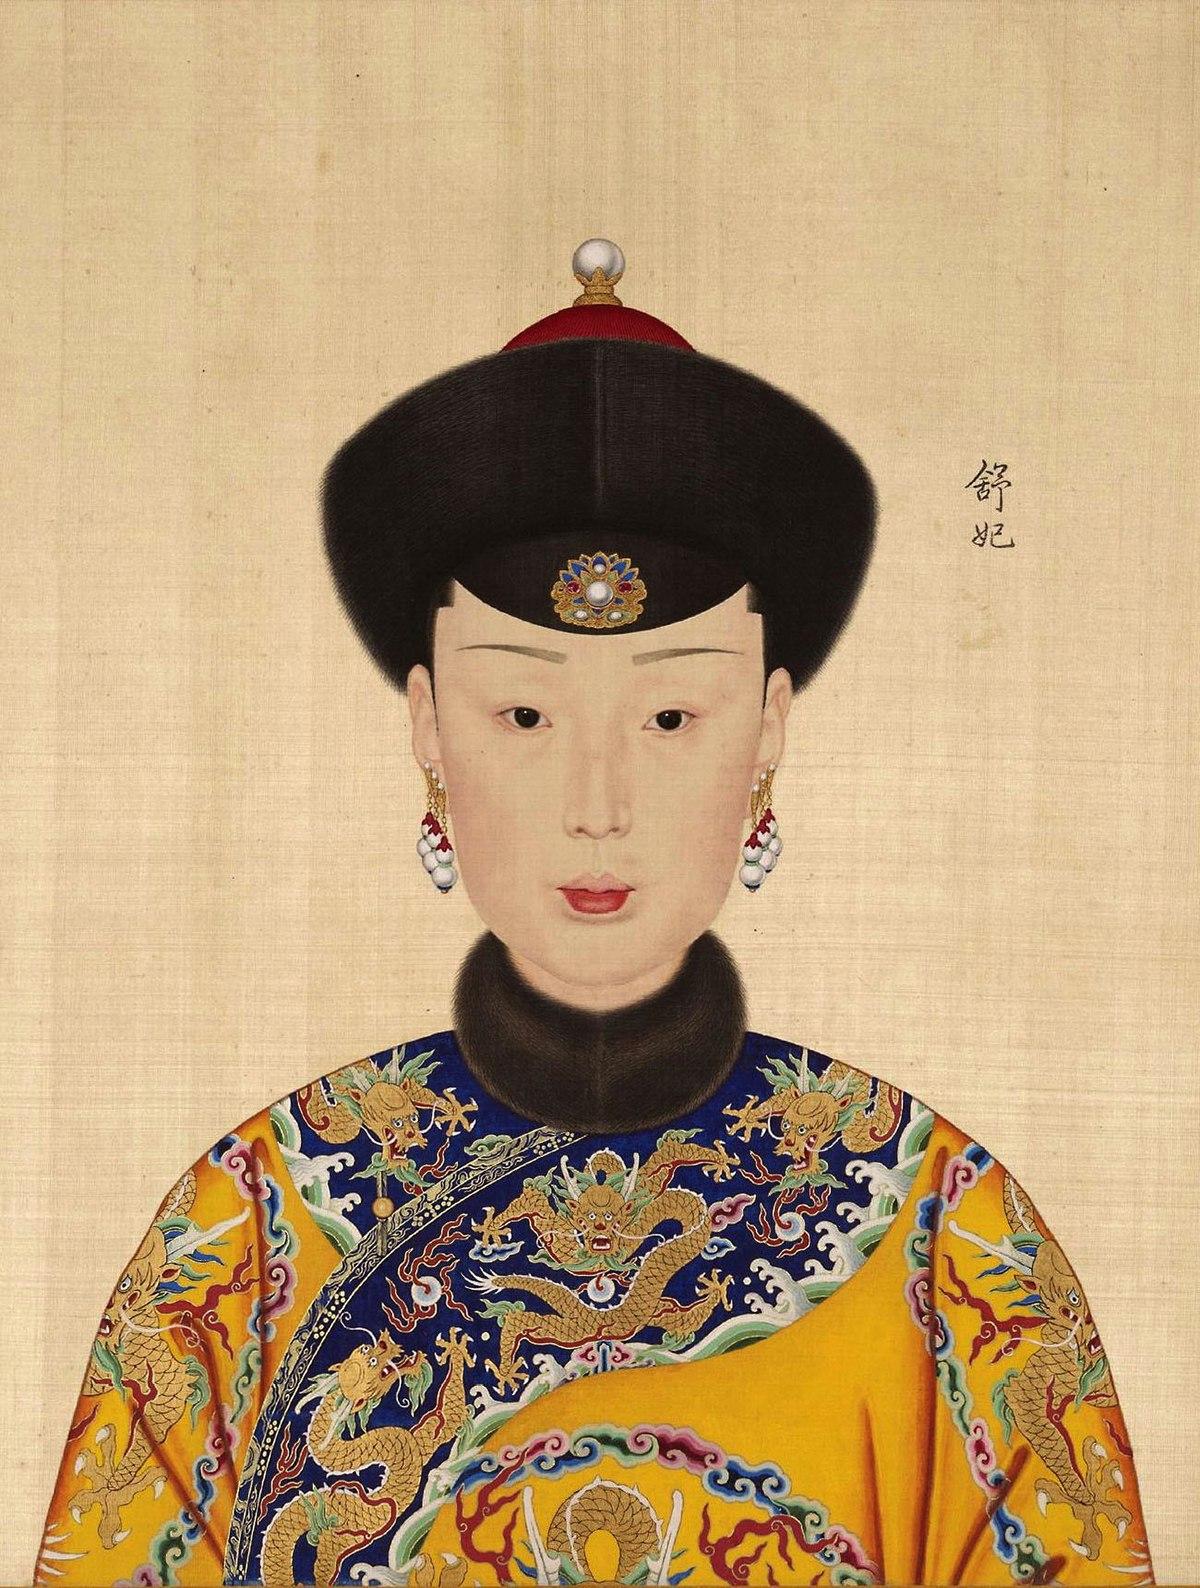 舒妃 - 維基百科,自由的百科全書